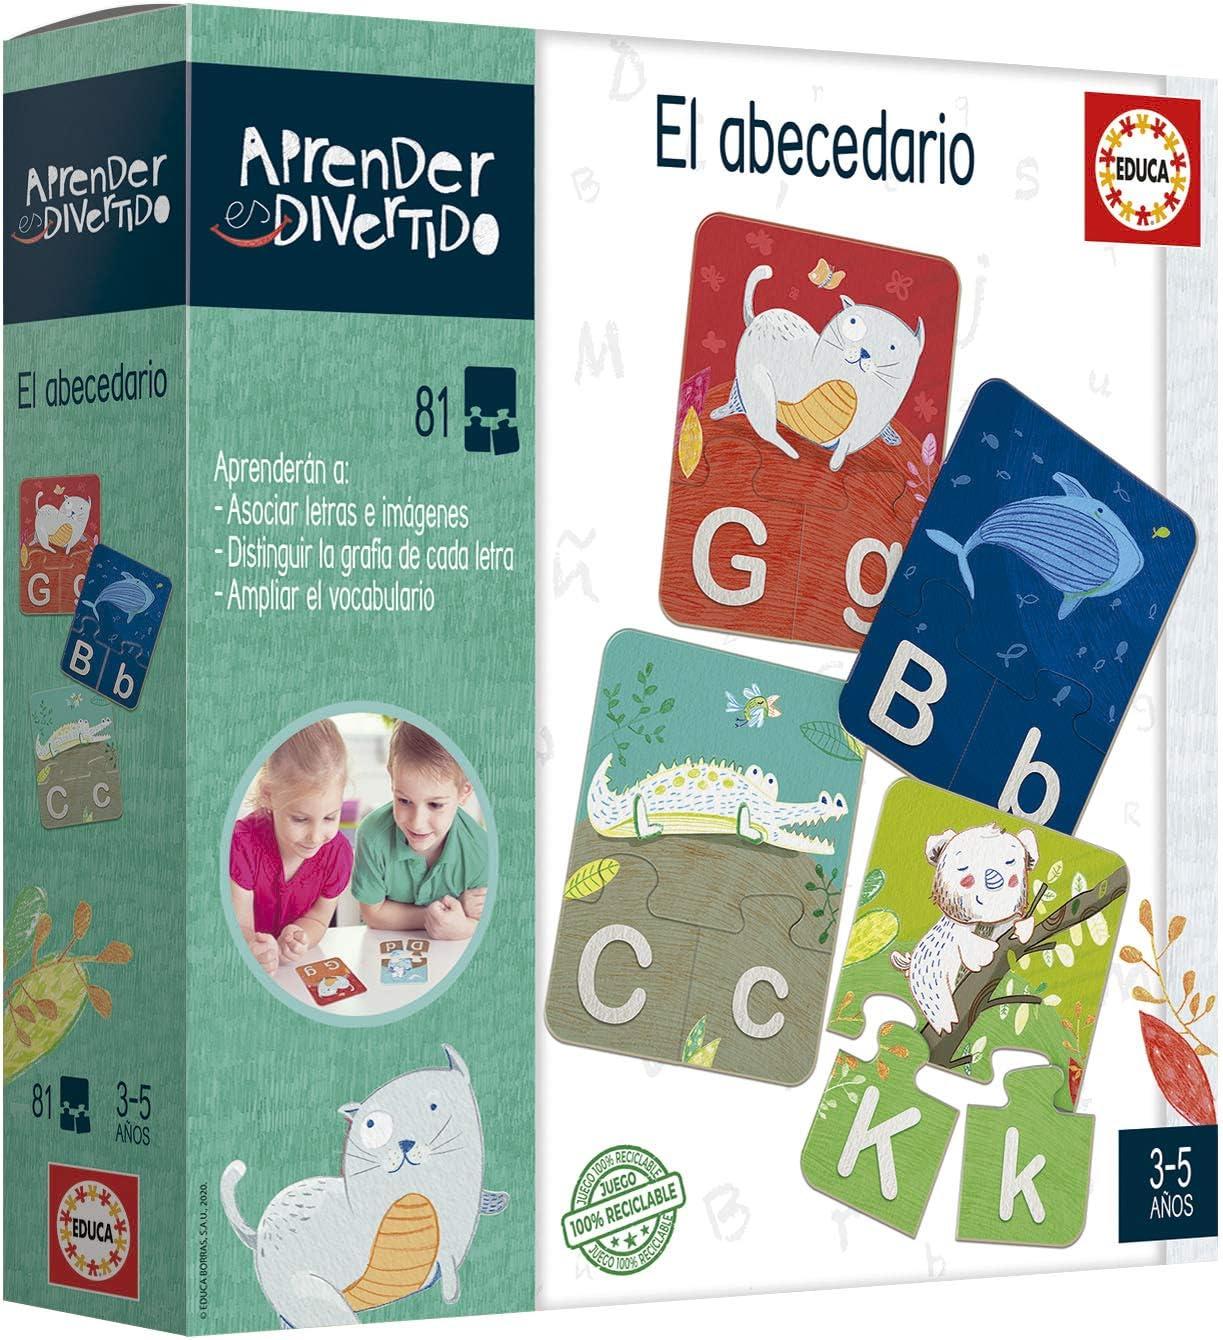 Educa- Aprender es Divertido El Abecedario, Juego educativo para niños, a partir de 3 años (18696) , color/modelo surtido: Amazon.es: Juguetes y juegos